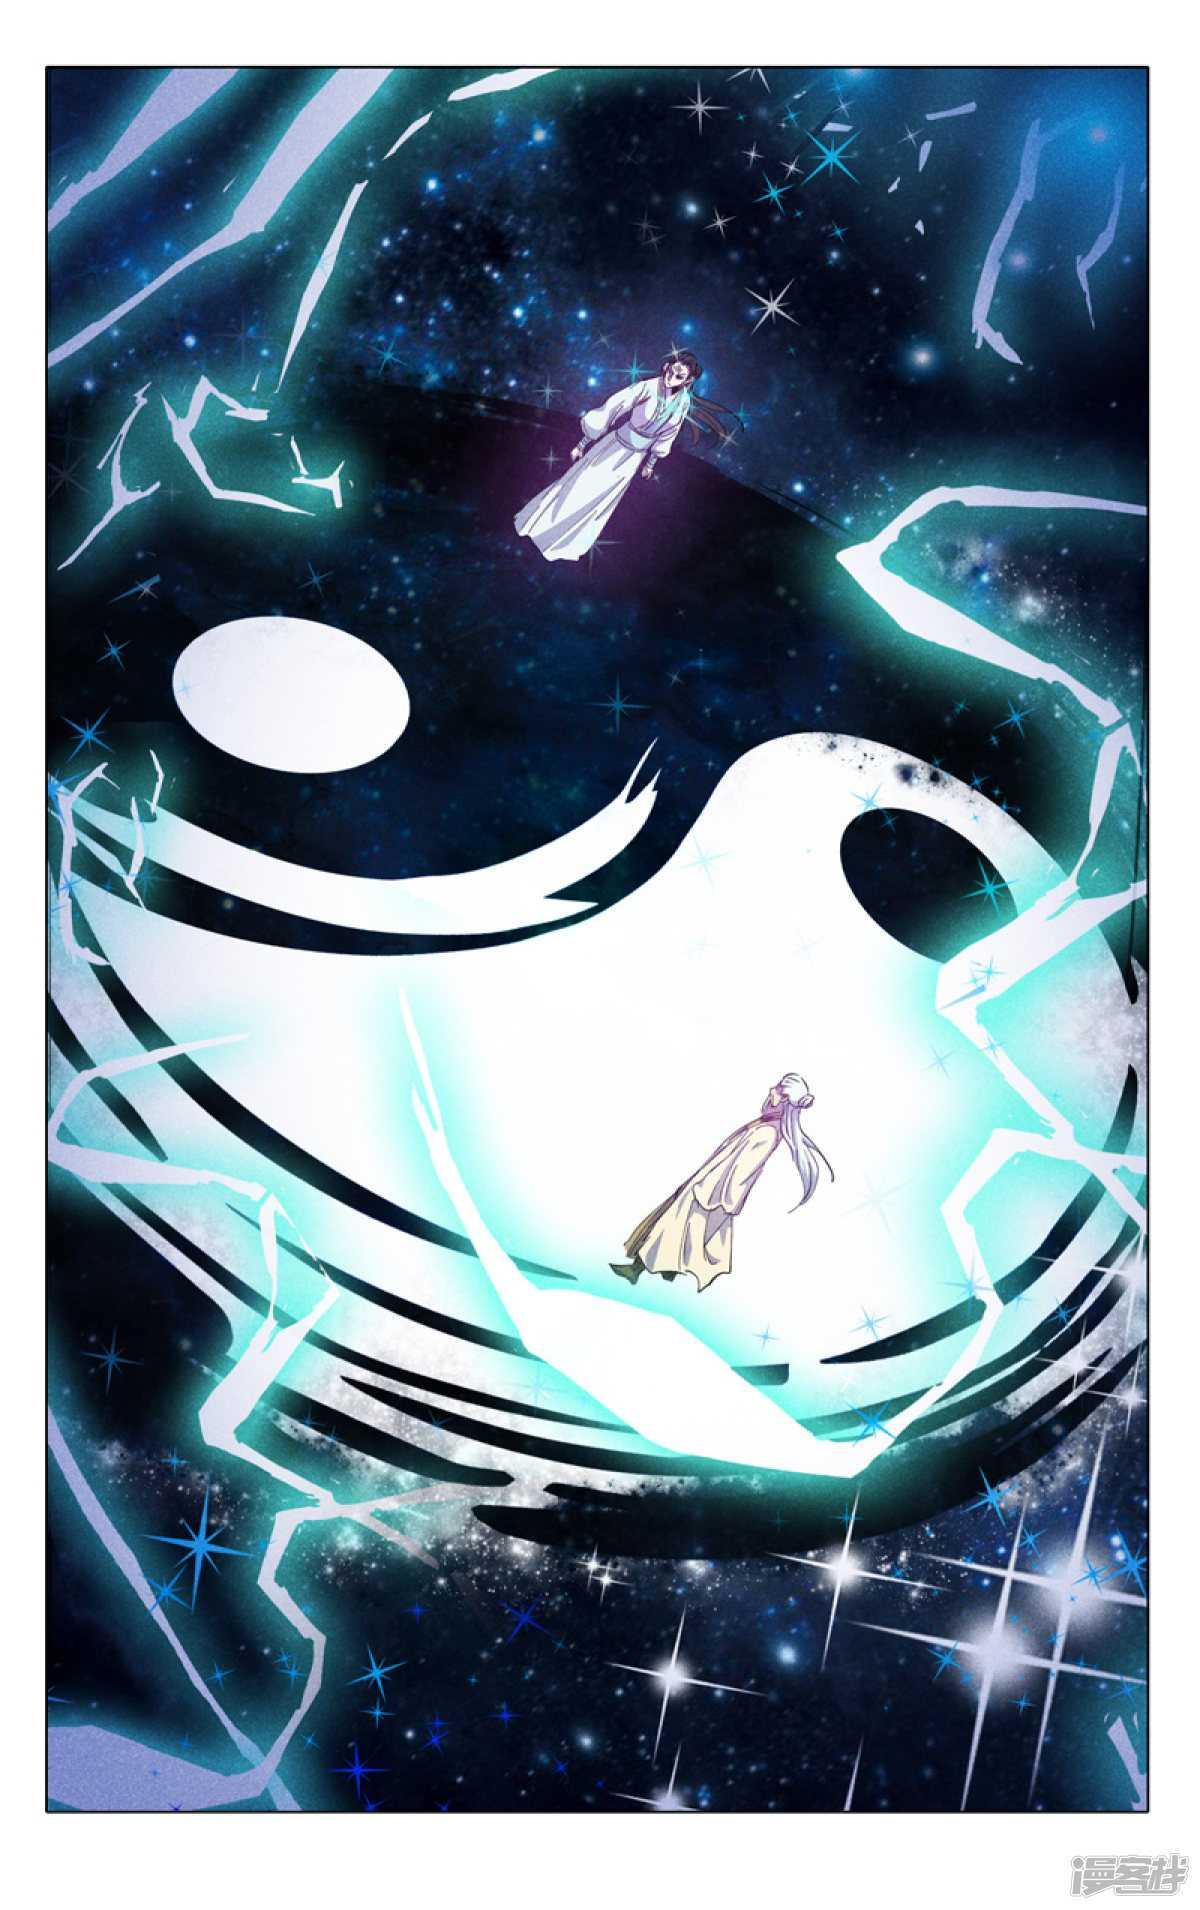 【漫画更新】《万界仙踪》总319~320话